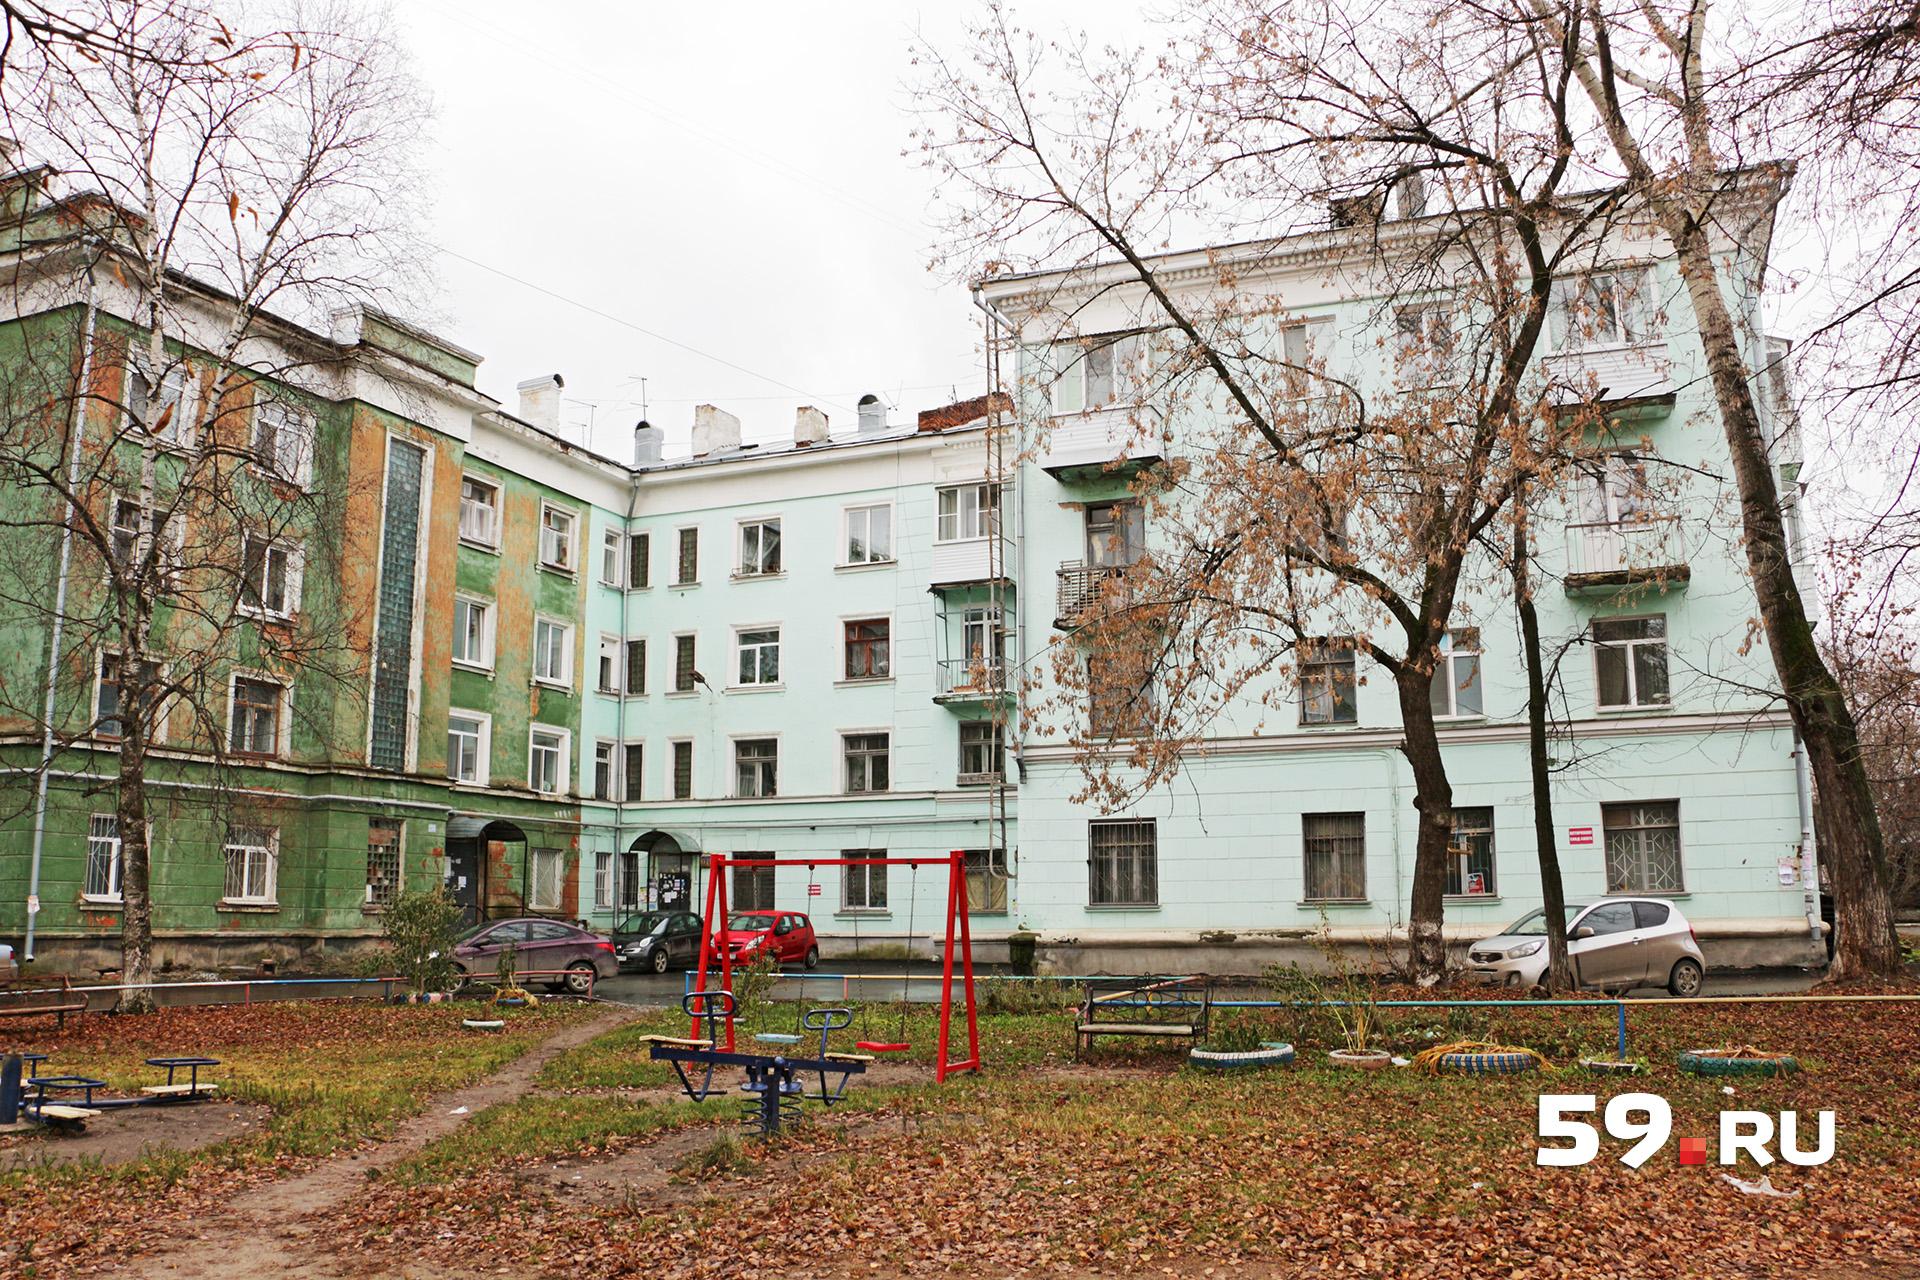 Правое и левое крылья здания достраивали после войны